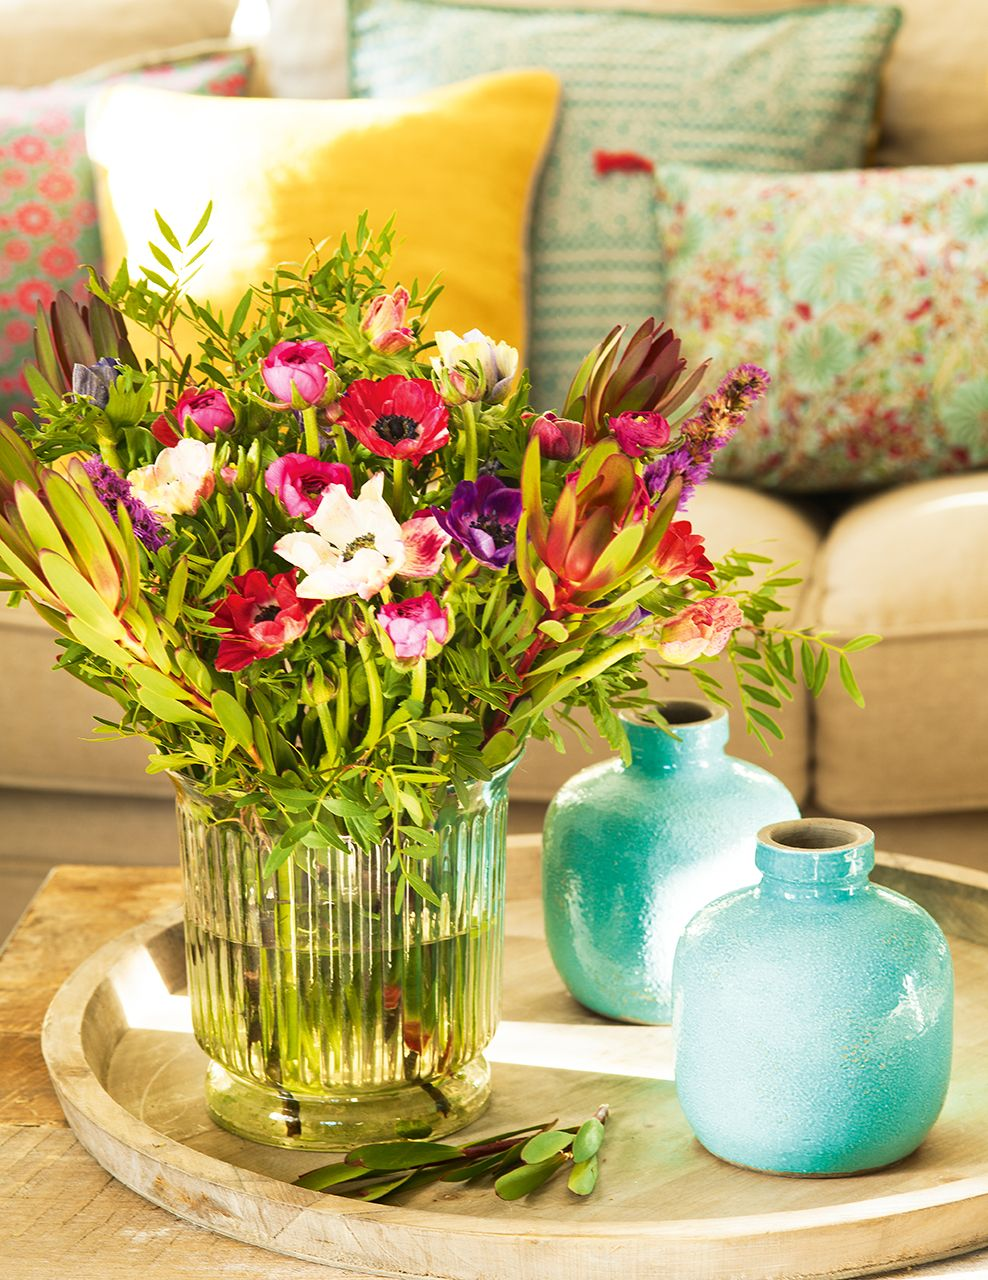 bandeja de madera con jarrones azules y jarrn de cristal con flores de colores